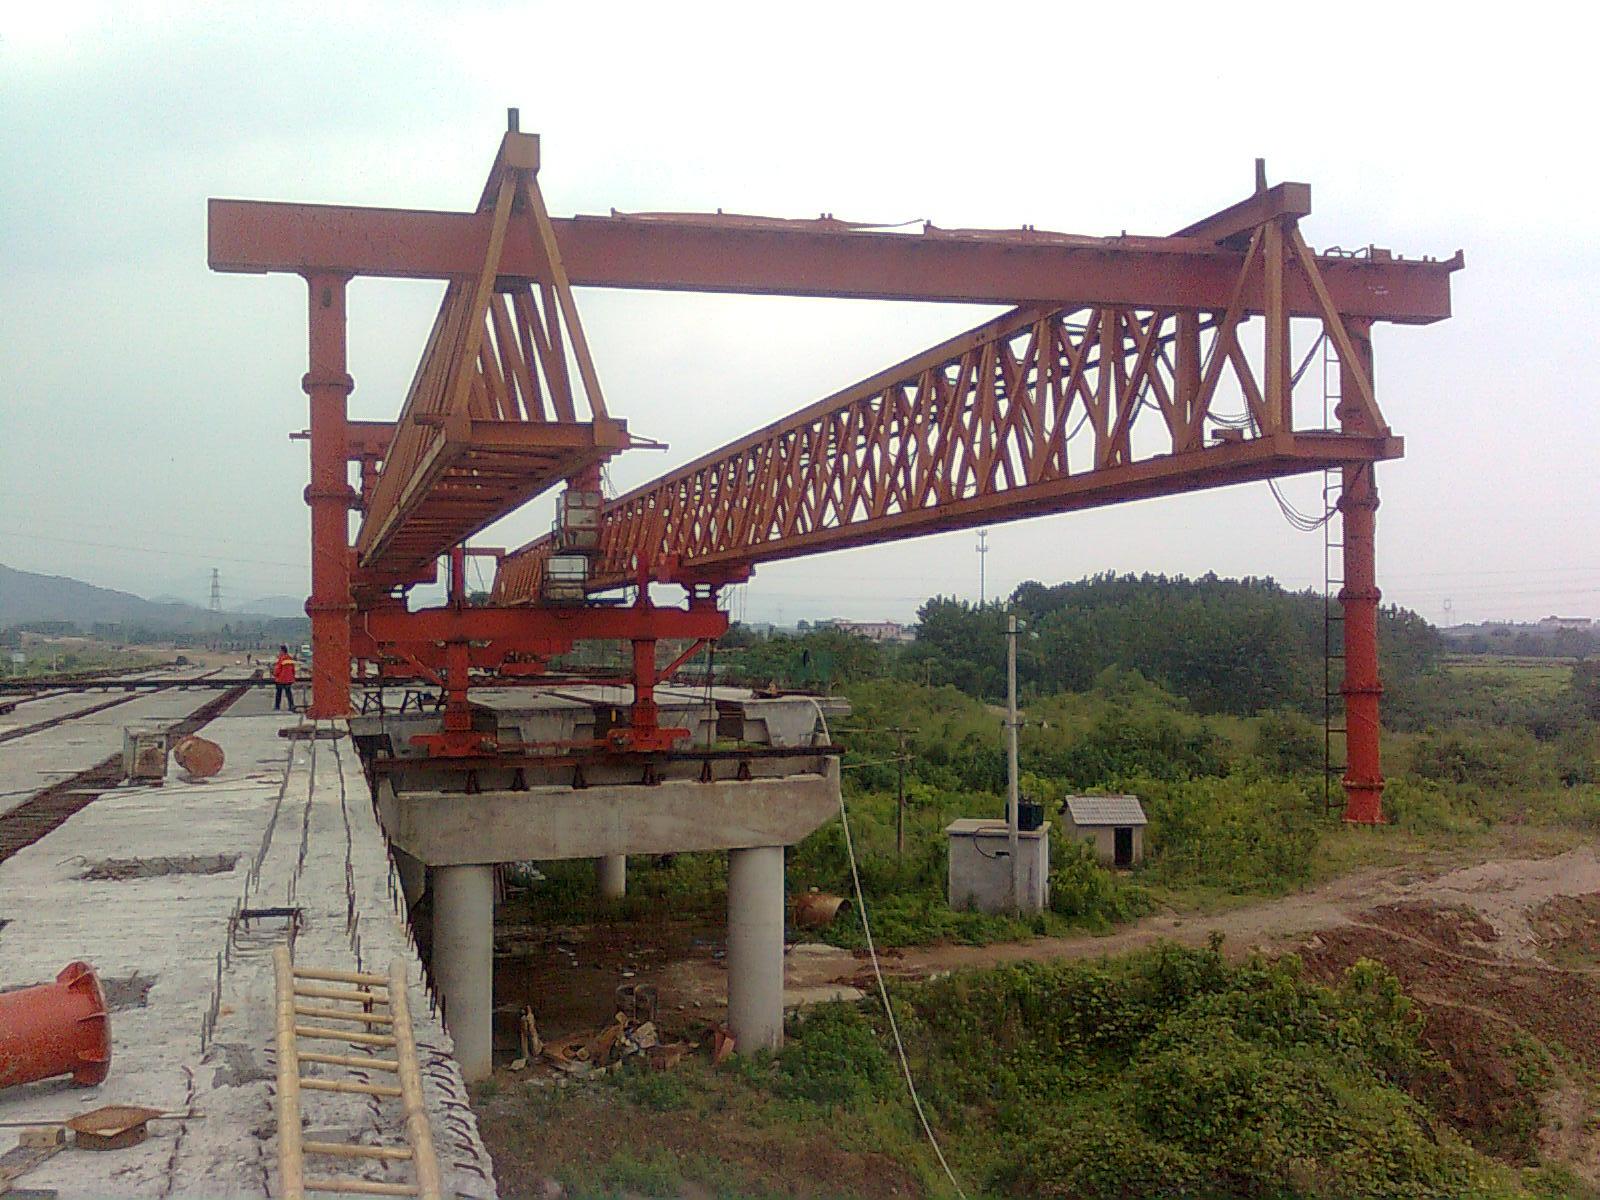 北京架桥机厂家|北京架桥机生产厂家|北京架桥机批发厂家【中七盛华】热线:15237189608 北京架桥机厂家为河南中七盛华介绍架桥机的分类。 架桥机在公路、铁路轨道上行驶、用于整跨架设小跨梁的桥梁施工机械。因其架桥工效高,在中国铁路桥梁标准设计中,多考虑以它架设为设计原则。其机身庞大,超出铁路运输限界,须解体运送,到达工地后,再组装使用。 中国常备的架桥机有三种,多用来分片架设钢筋或预应力混凝土梁。 分别有:1.